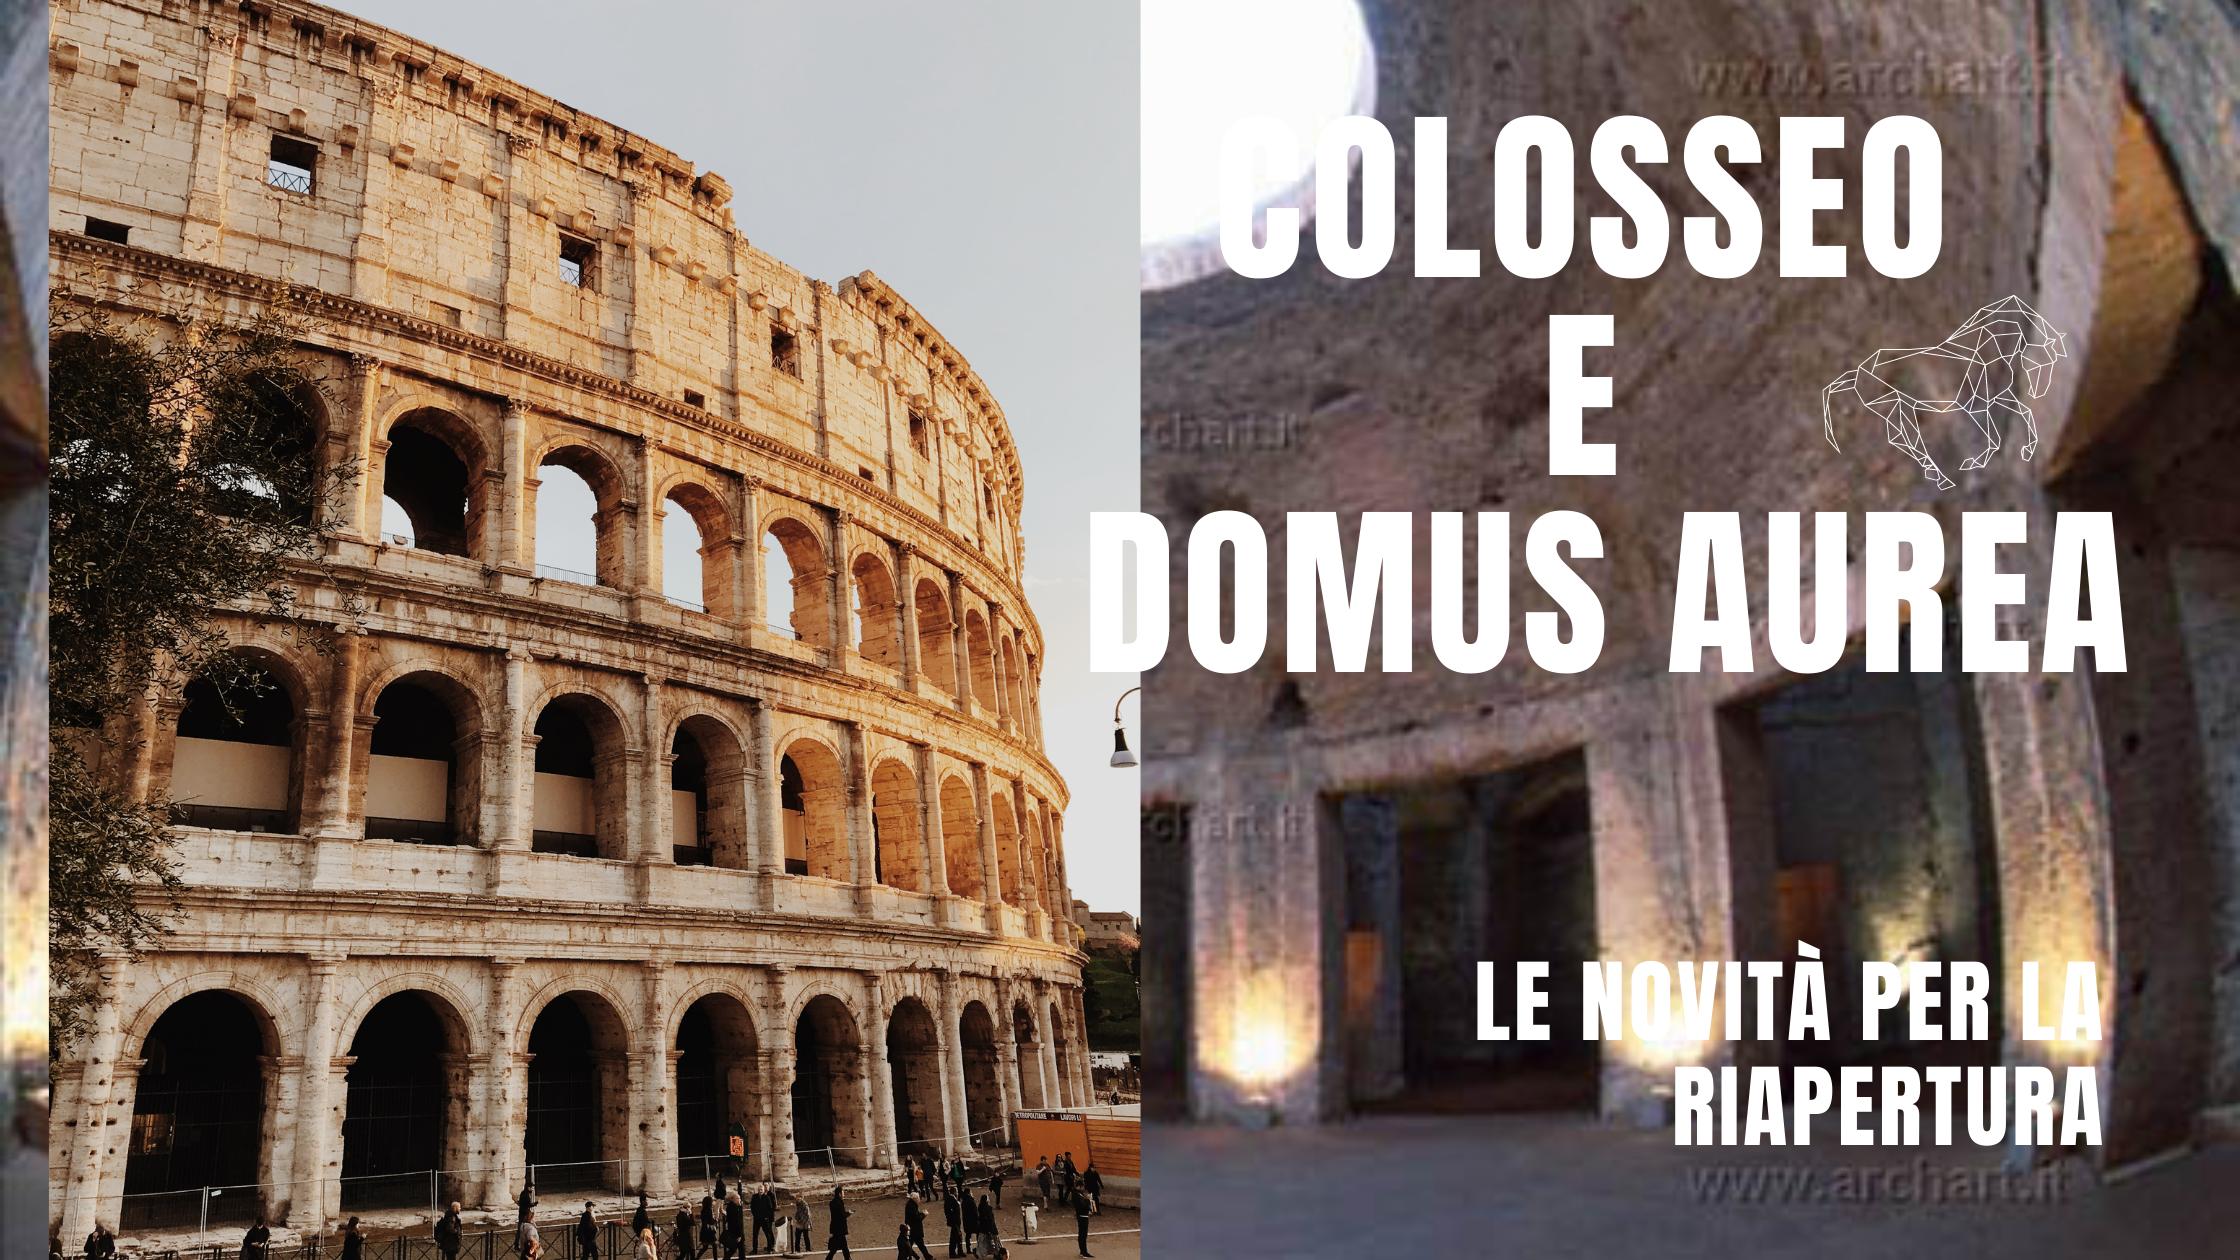 Grandi novità  alla riapertura del Colosseo e della Domus Aurea